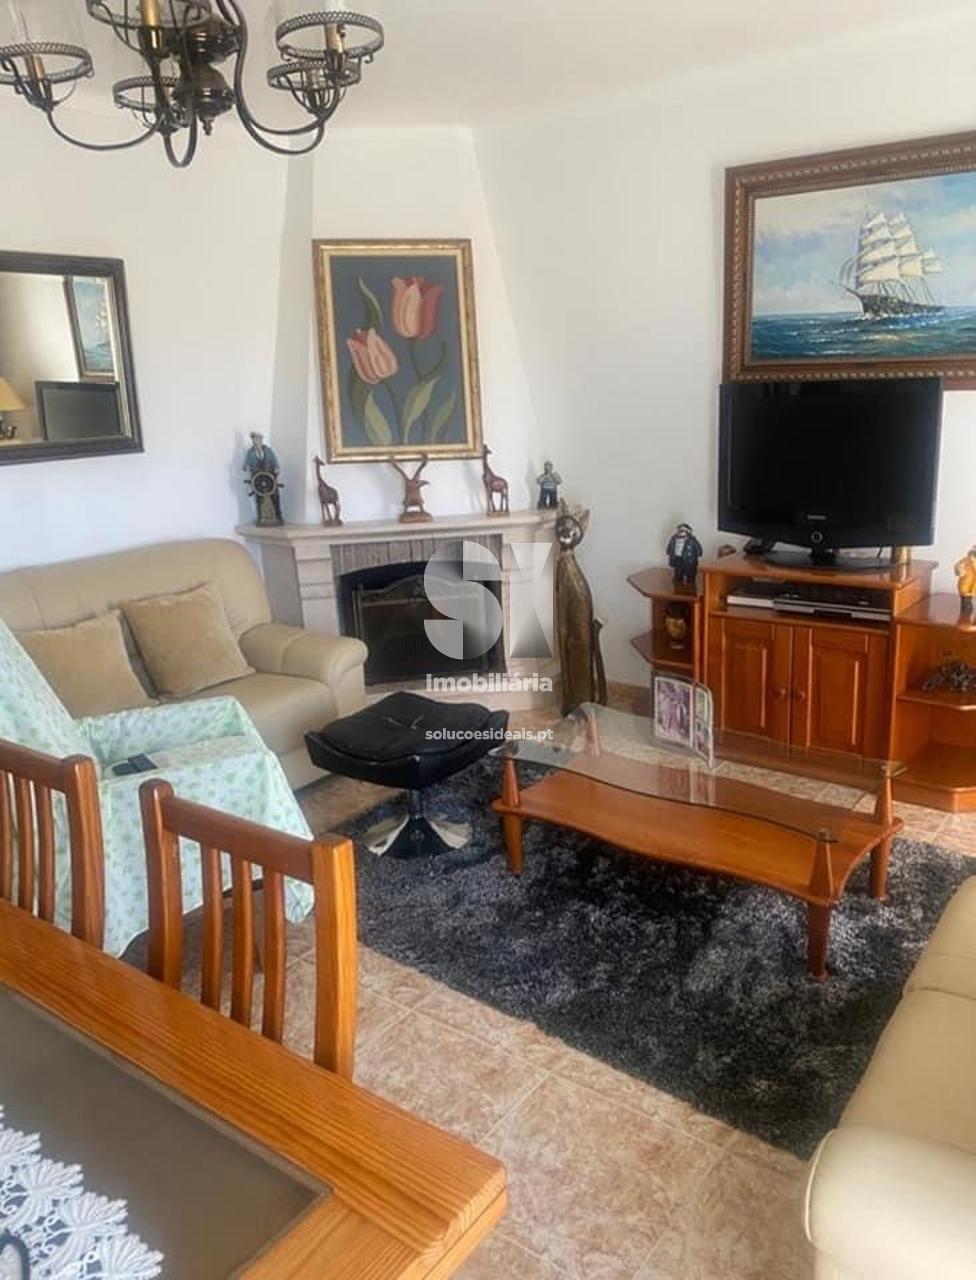 apartamento t32 para compra em vila real de santo antonio vila real de santo antonio CMPCP154